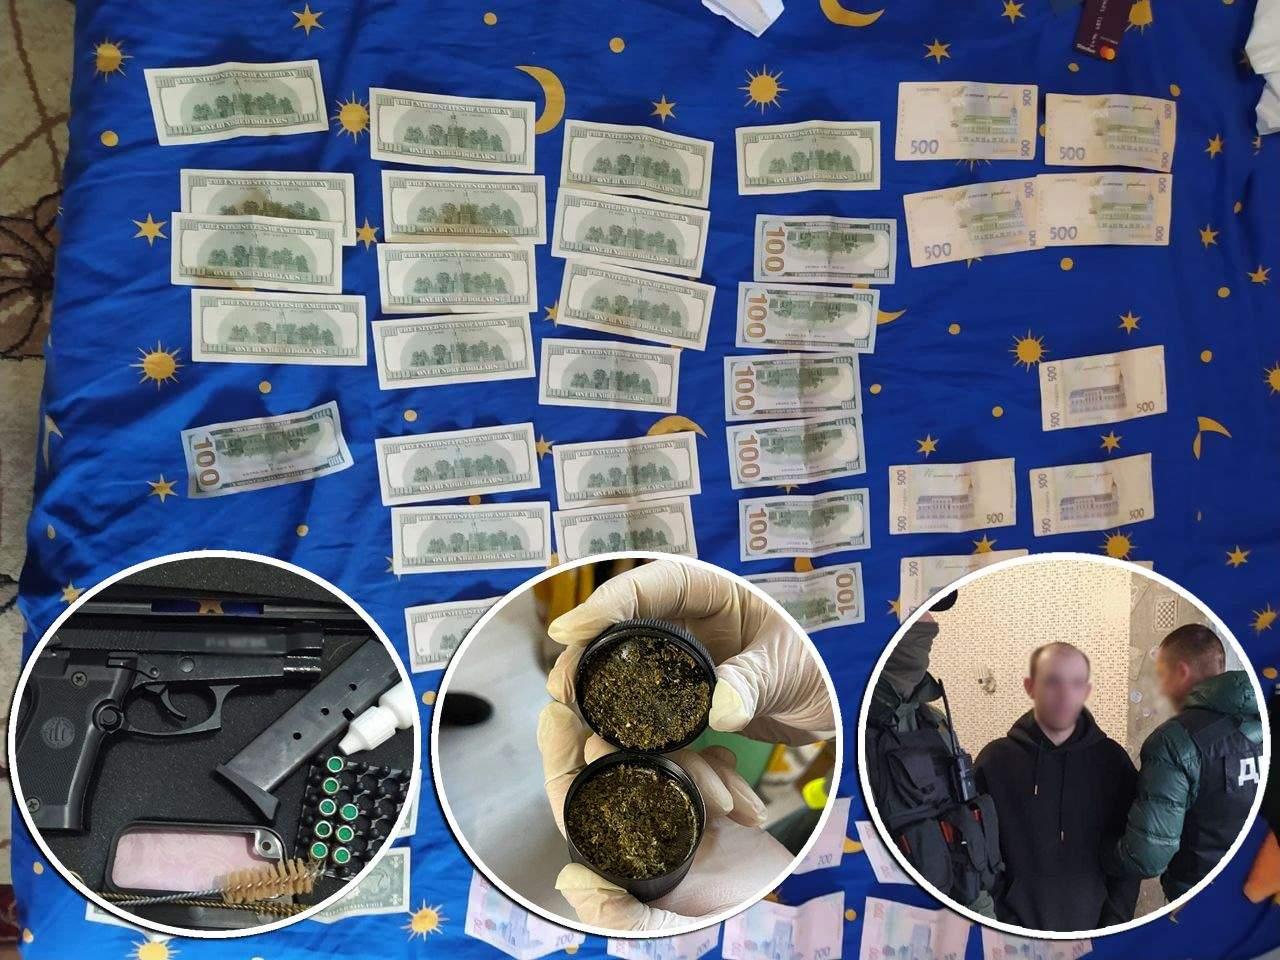 Київ Вдавали поліцейських вимагали гроші Наркозалежні